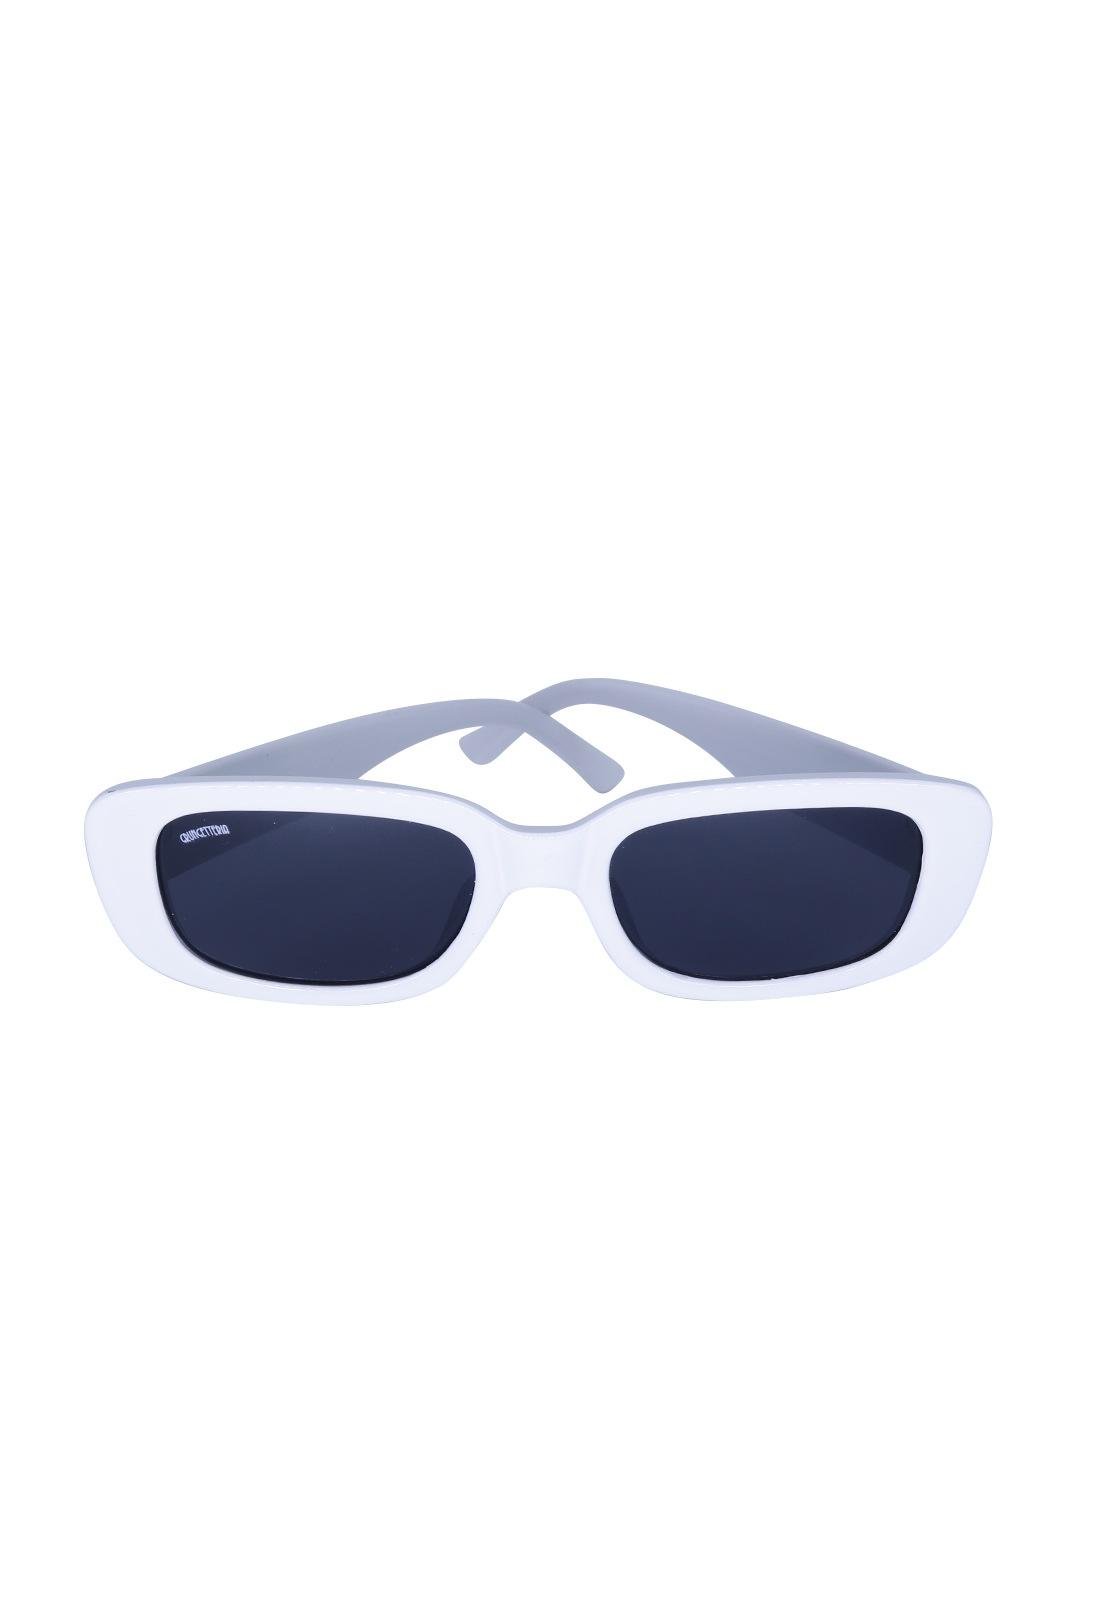 Óculos de Sol Grungetteria Fresh Branco